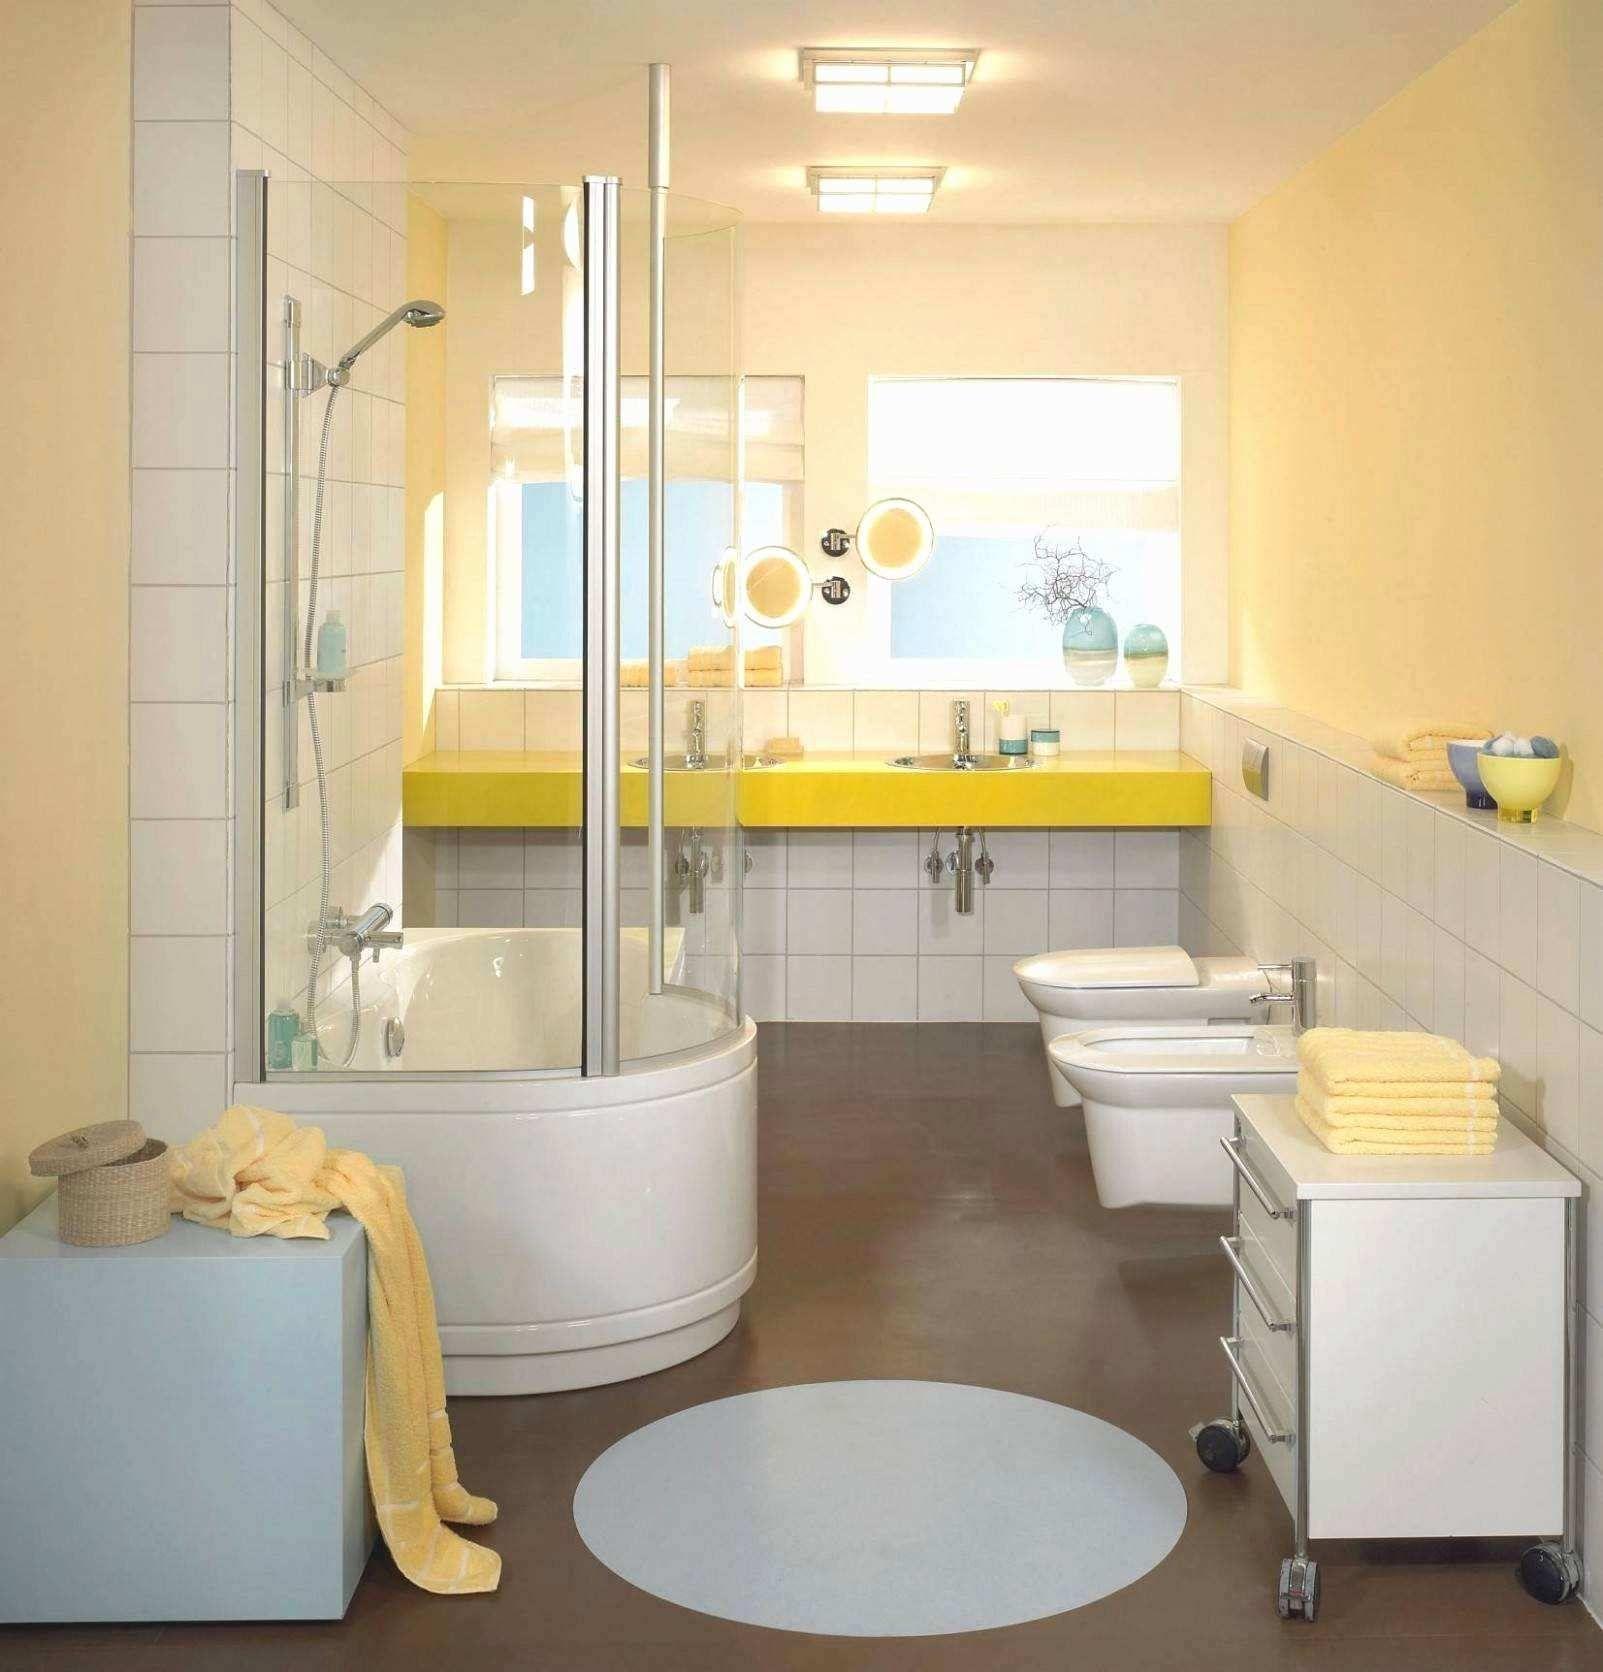 5 Frisch Badsanierung Kosten Qm Luxus Bad Fliesen Kosten Pro Qm Eintagamsee Bad Fliesen Badezimmer Renovieren Badezimmer Fliesen